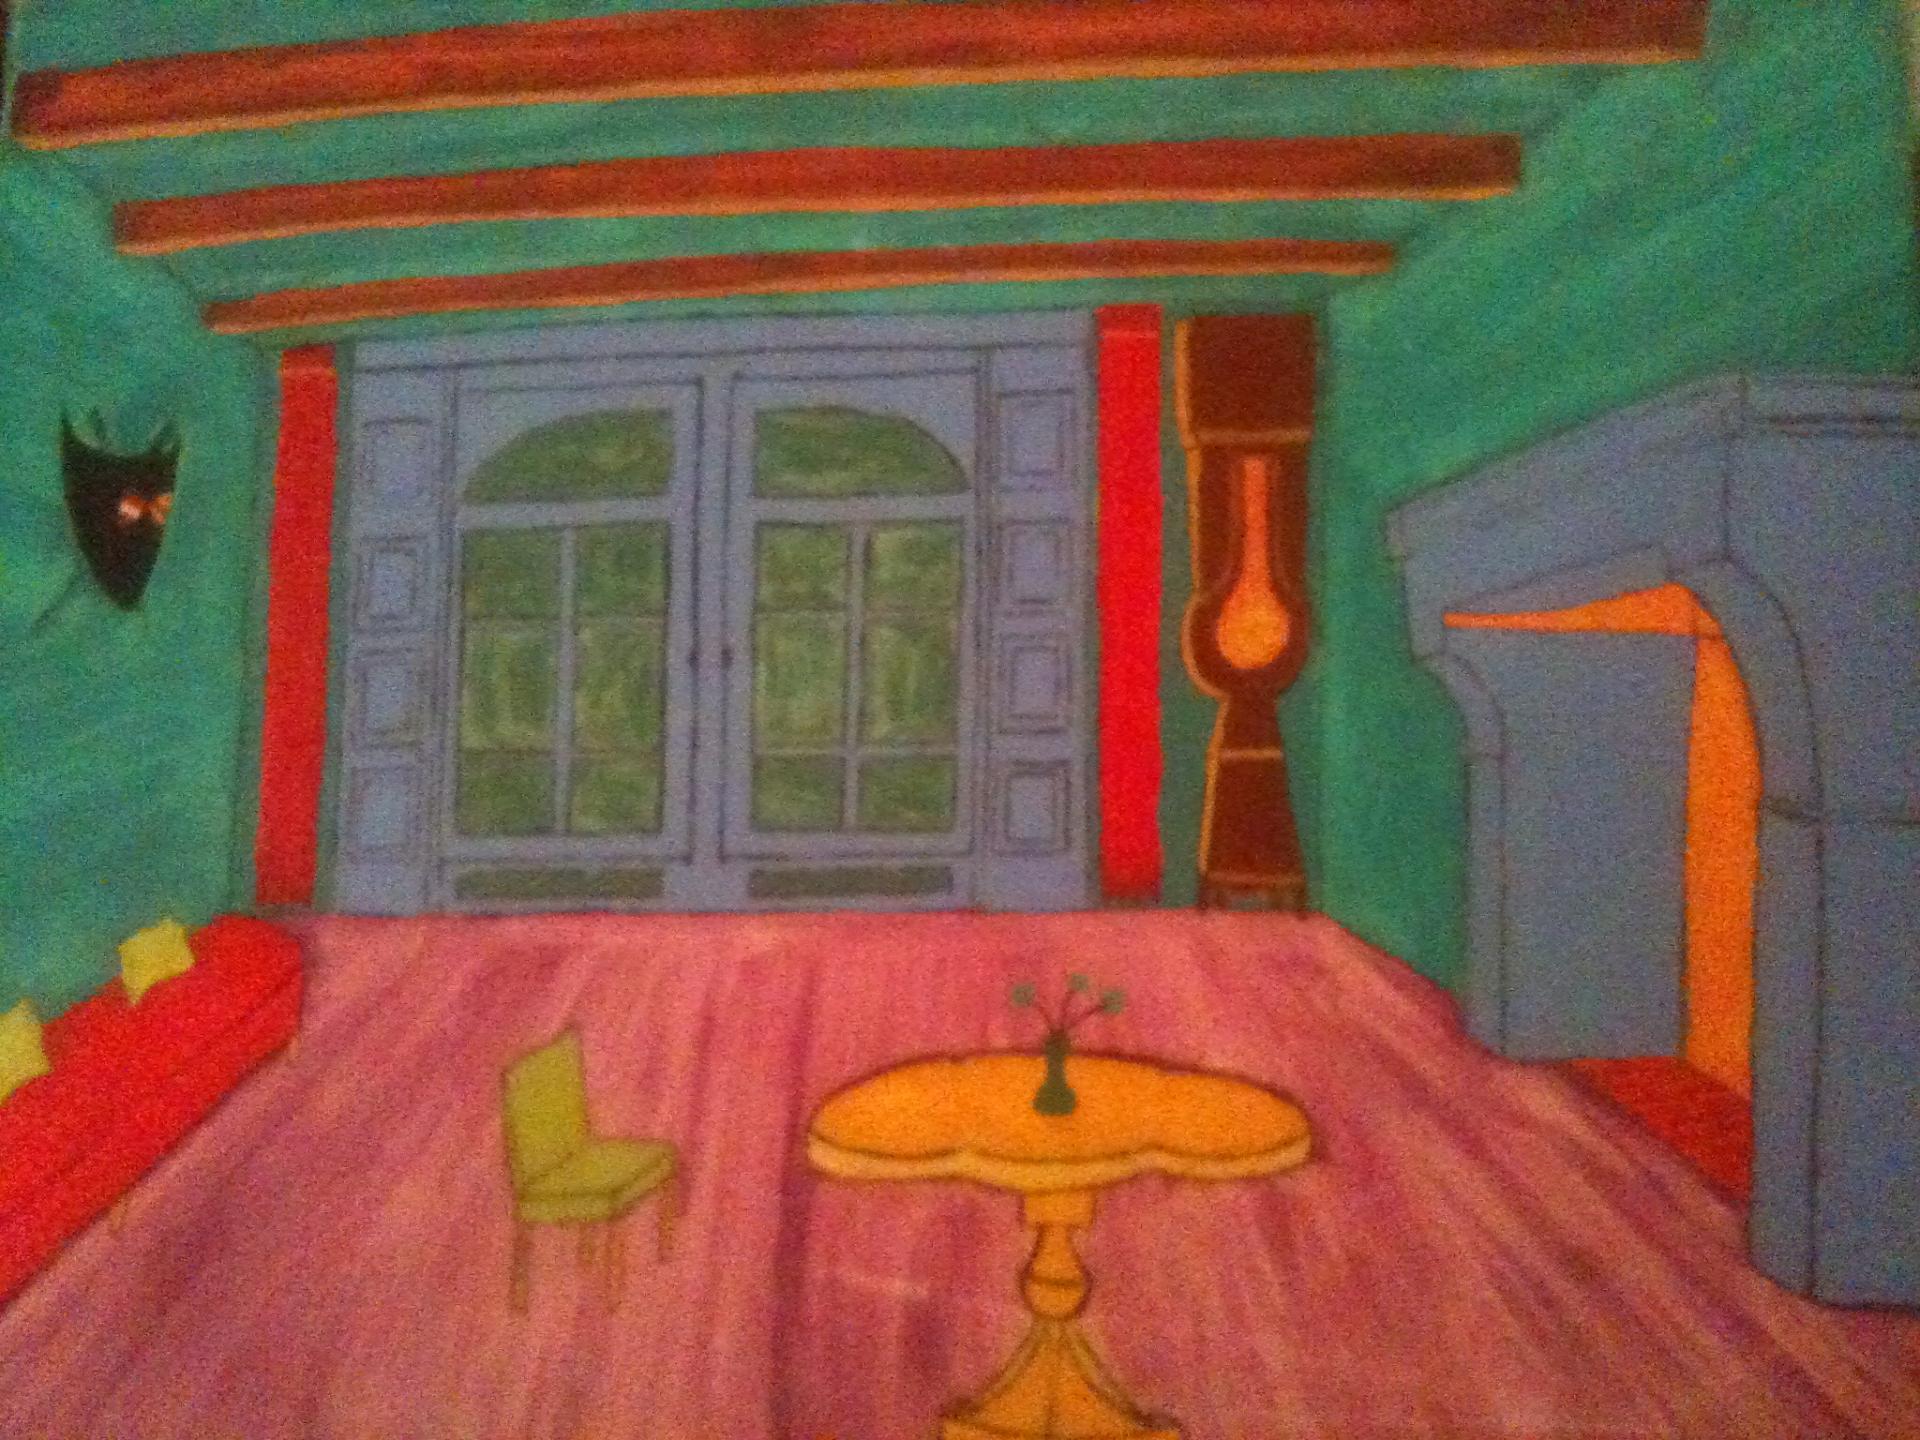 Interieur a rom huile sur toile